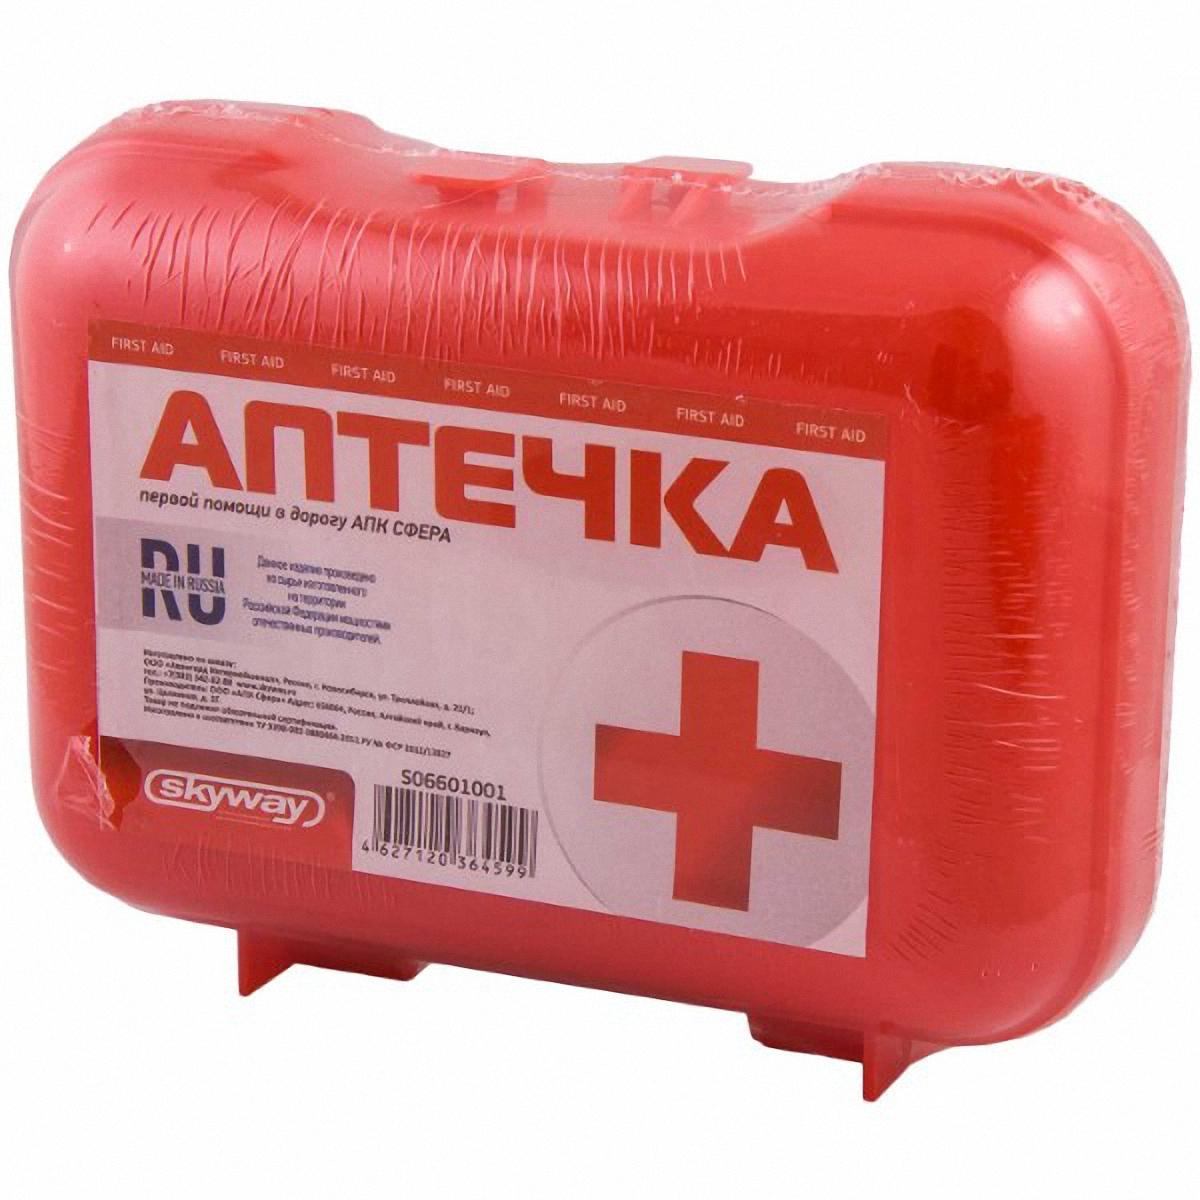 Аптечка автомобильная SkywayS06601001Автомобильная аптечка Skyway - миниатюрный и экономичный помощник в дороге, включает в себя необходимый минимум медицинских препаратов для предотвращения кровотечений и в случае экстренной ситуации. Аптечка занимает минимум места в багажнике автомобиля. Состав аптечки соответствует рекомендациям, указанным в приказе №325 МЗ РФ Об утверждении аптечки первой помощи (автомобильной). Комплектация: - Кровоостанавливающий жгут с дозированной компрессией. - Нестерильный бинт. - Стерильный бинт. - Клейкий бактерицидный пластырь 100 х 40 мм. - Клейкий бактерицидный пластырь 79 х 19 мм. - Мундштук для выполнения дыхания рот в рот. - Рекомендация по применению автомобильной аптечки и ее содержимого.